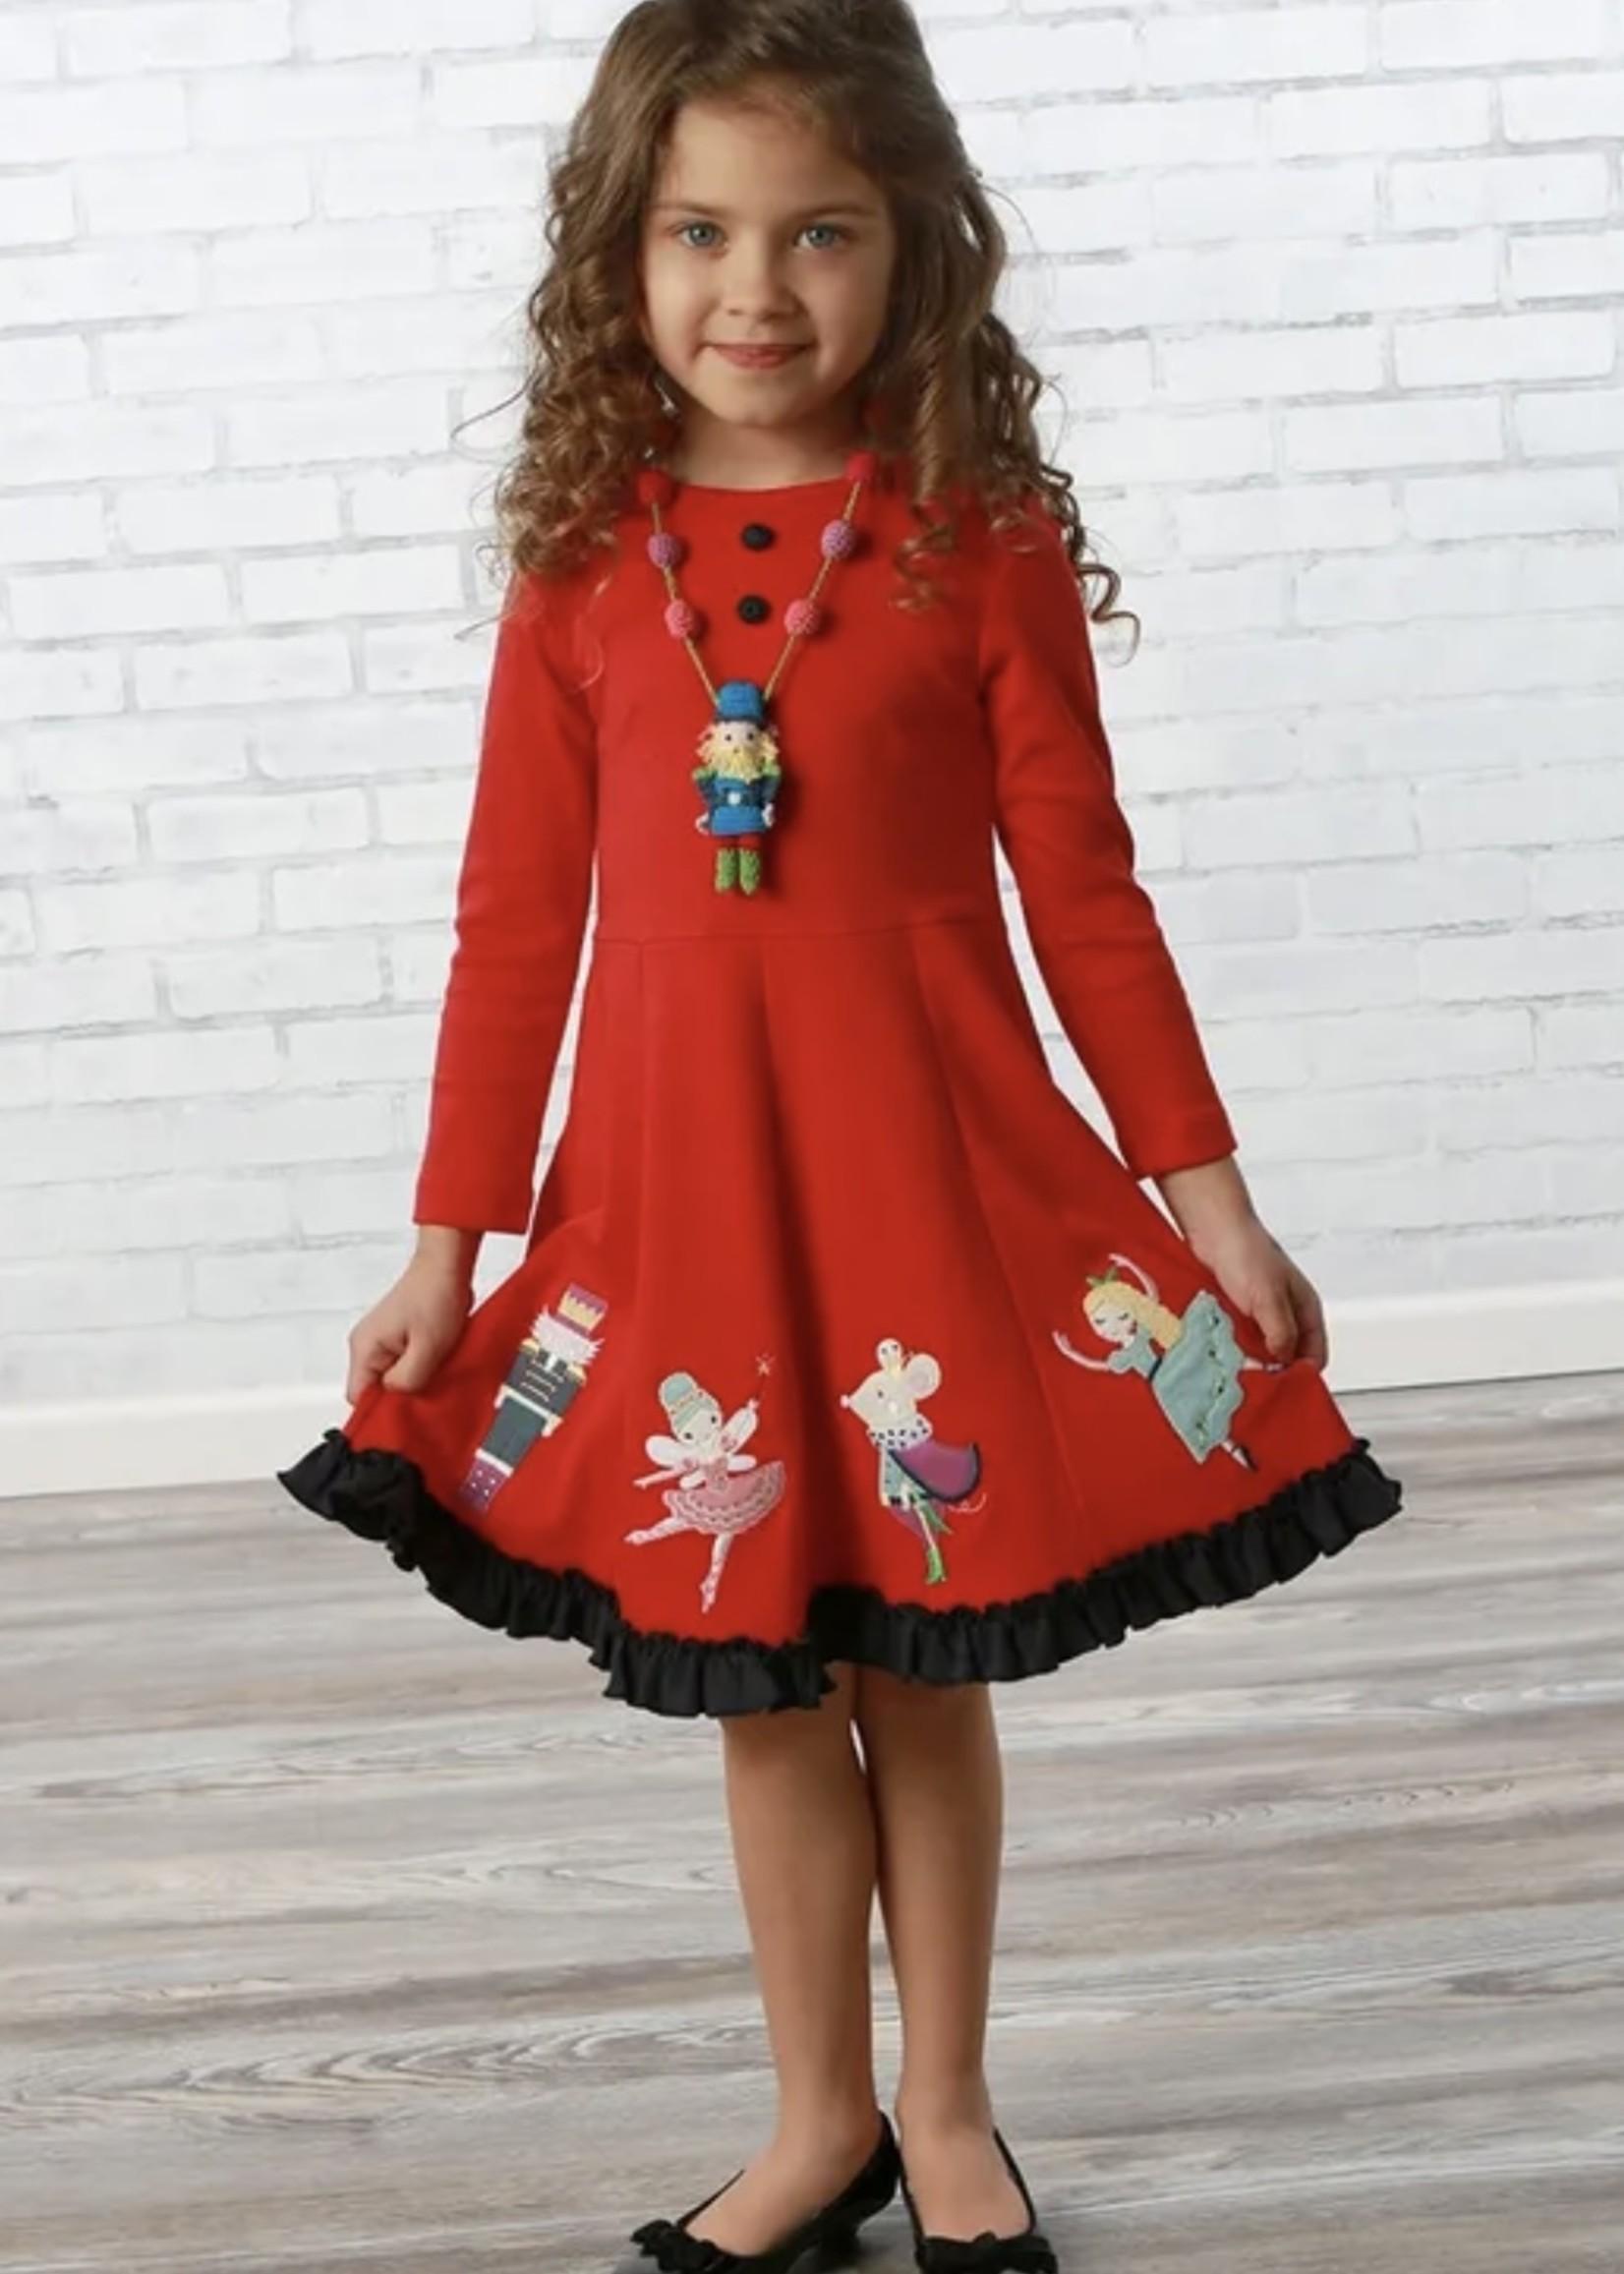 The Nutcracker Show Dress - True Red